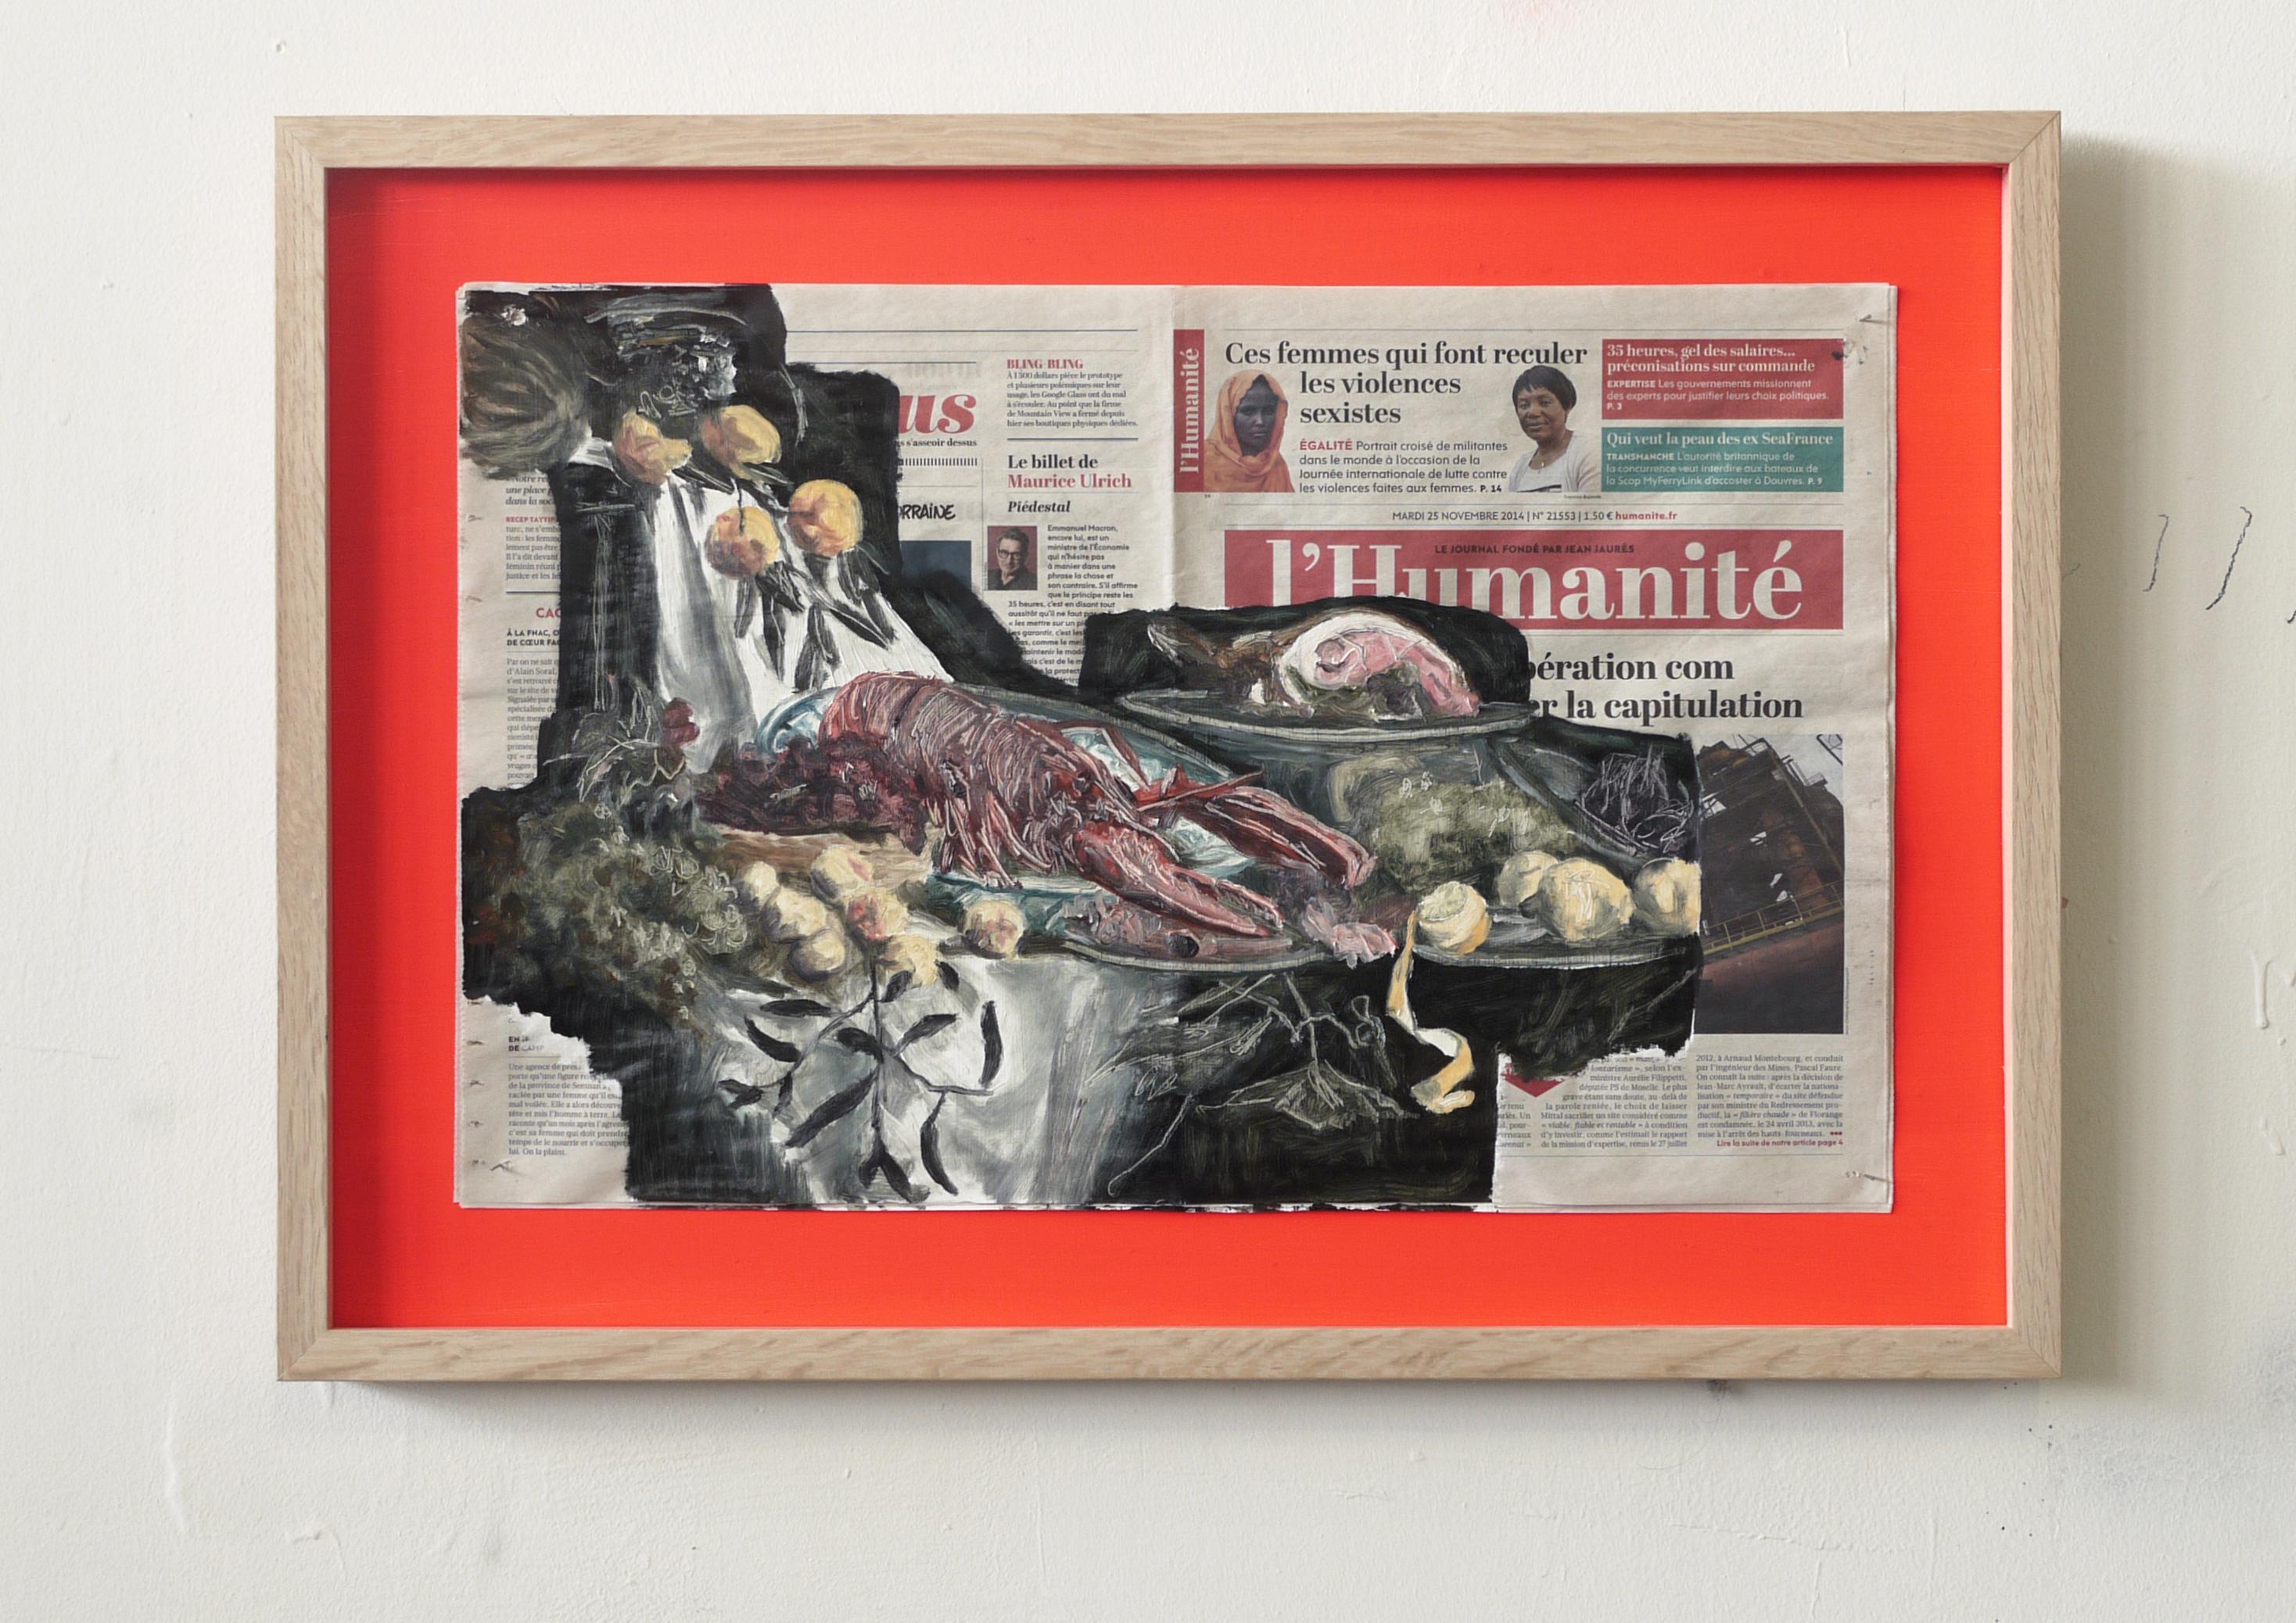 nture-morte-humanite